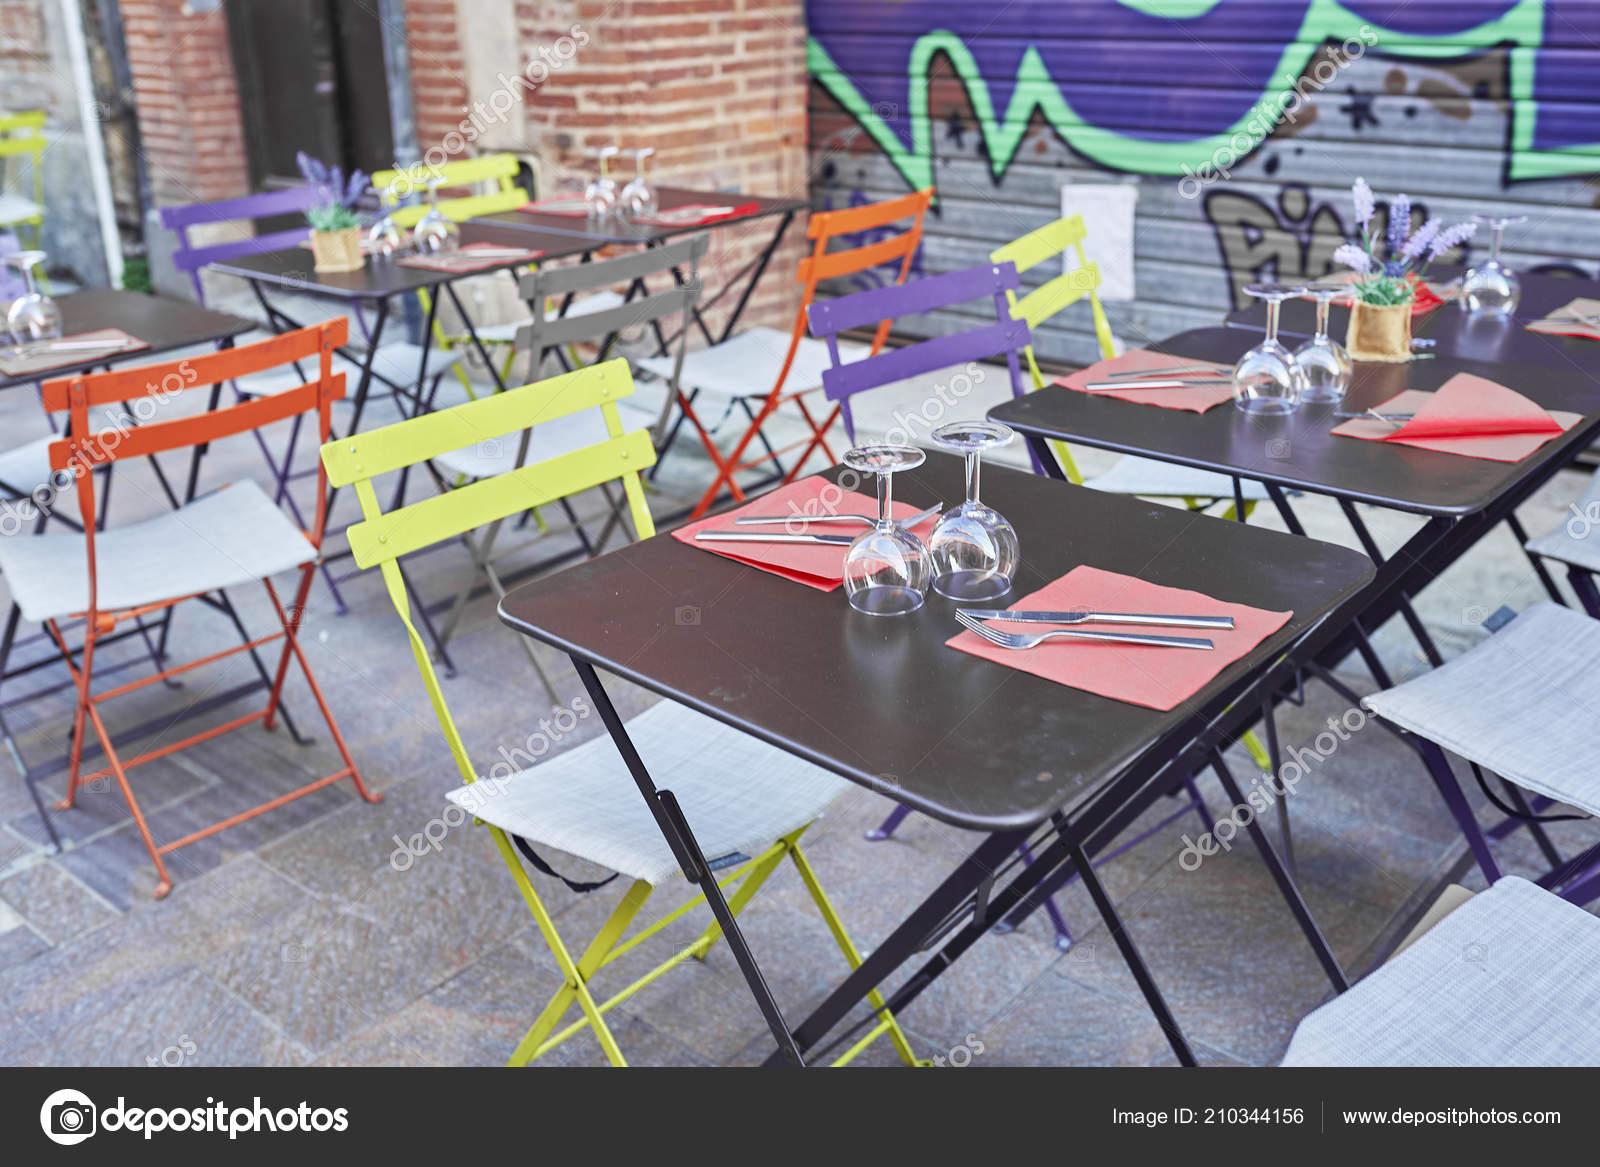 bunte tische auf der terrasse einer bar stockfotografie lizenzfreie fotos c nachrc2001 gmail com 210344156 depositphotos